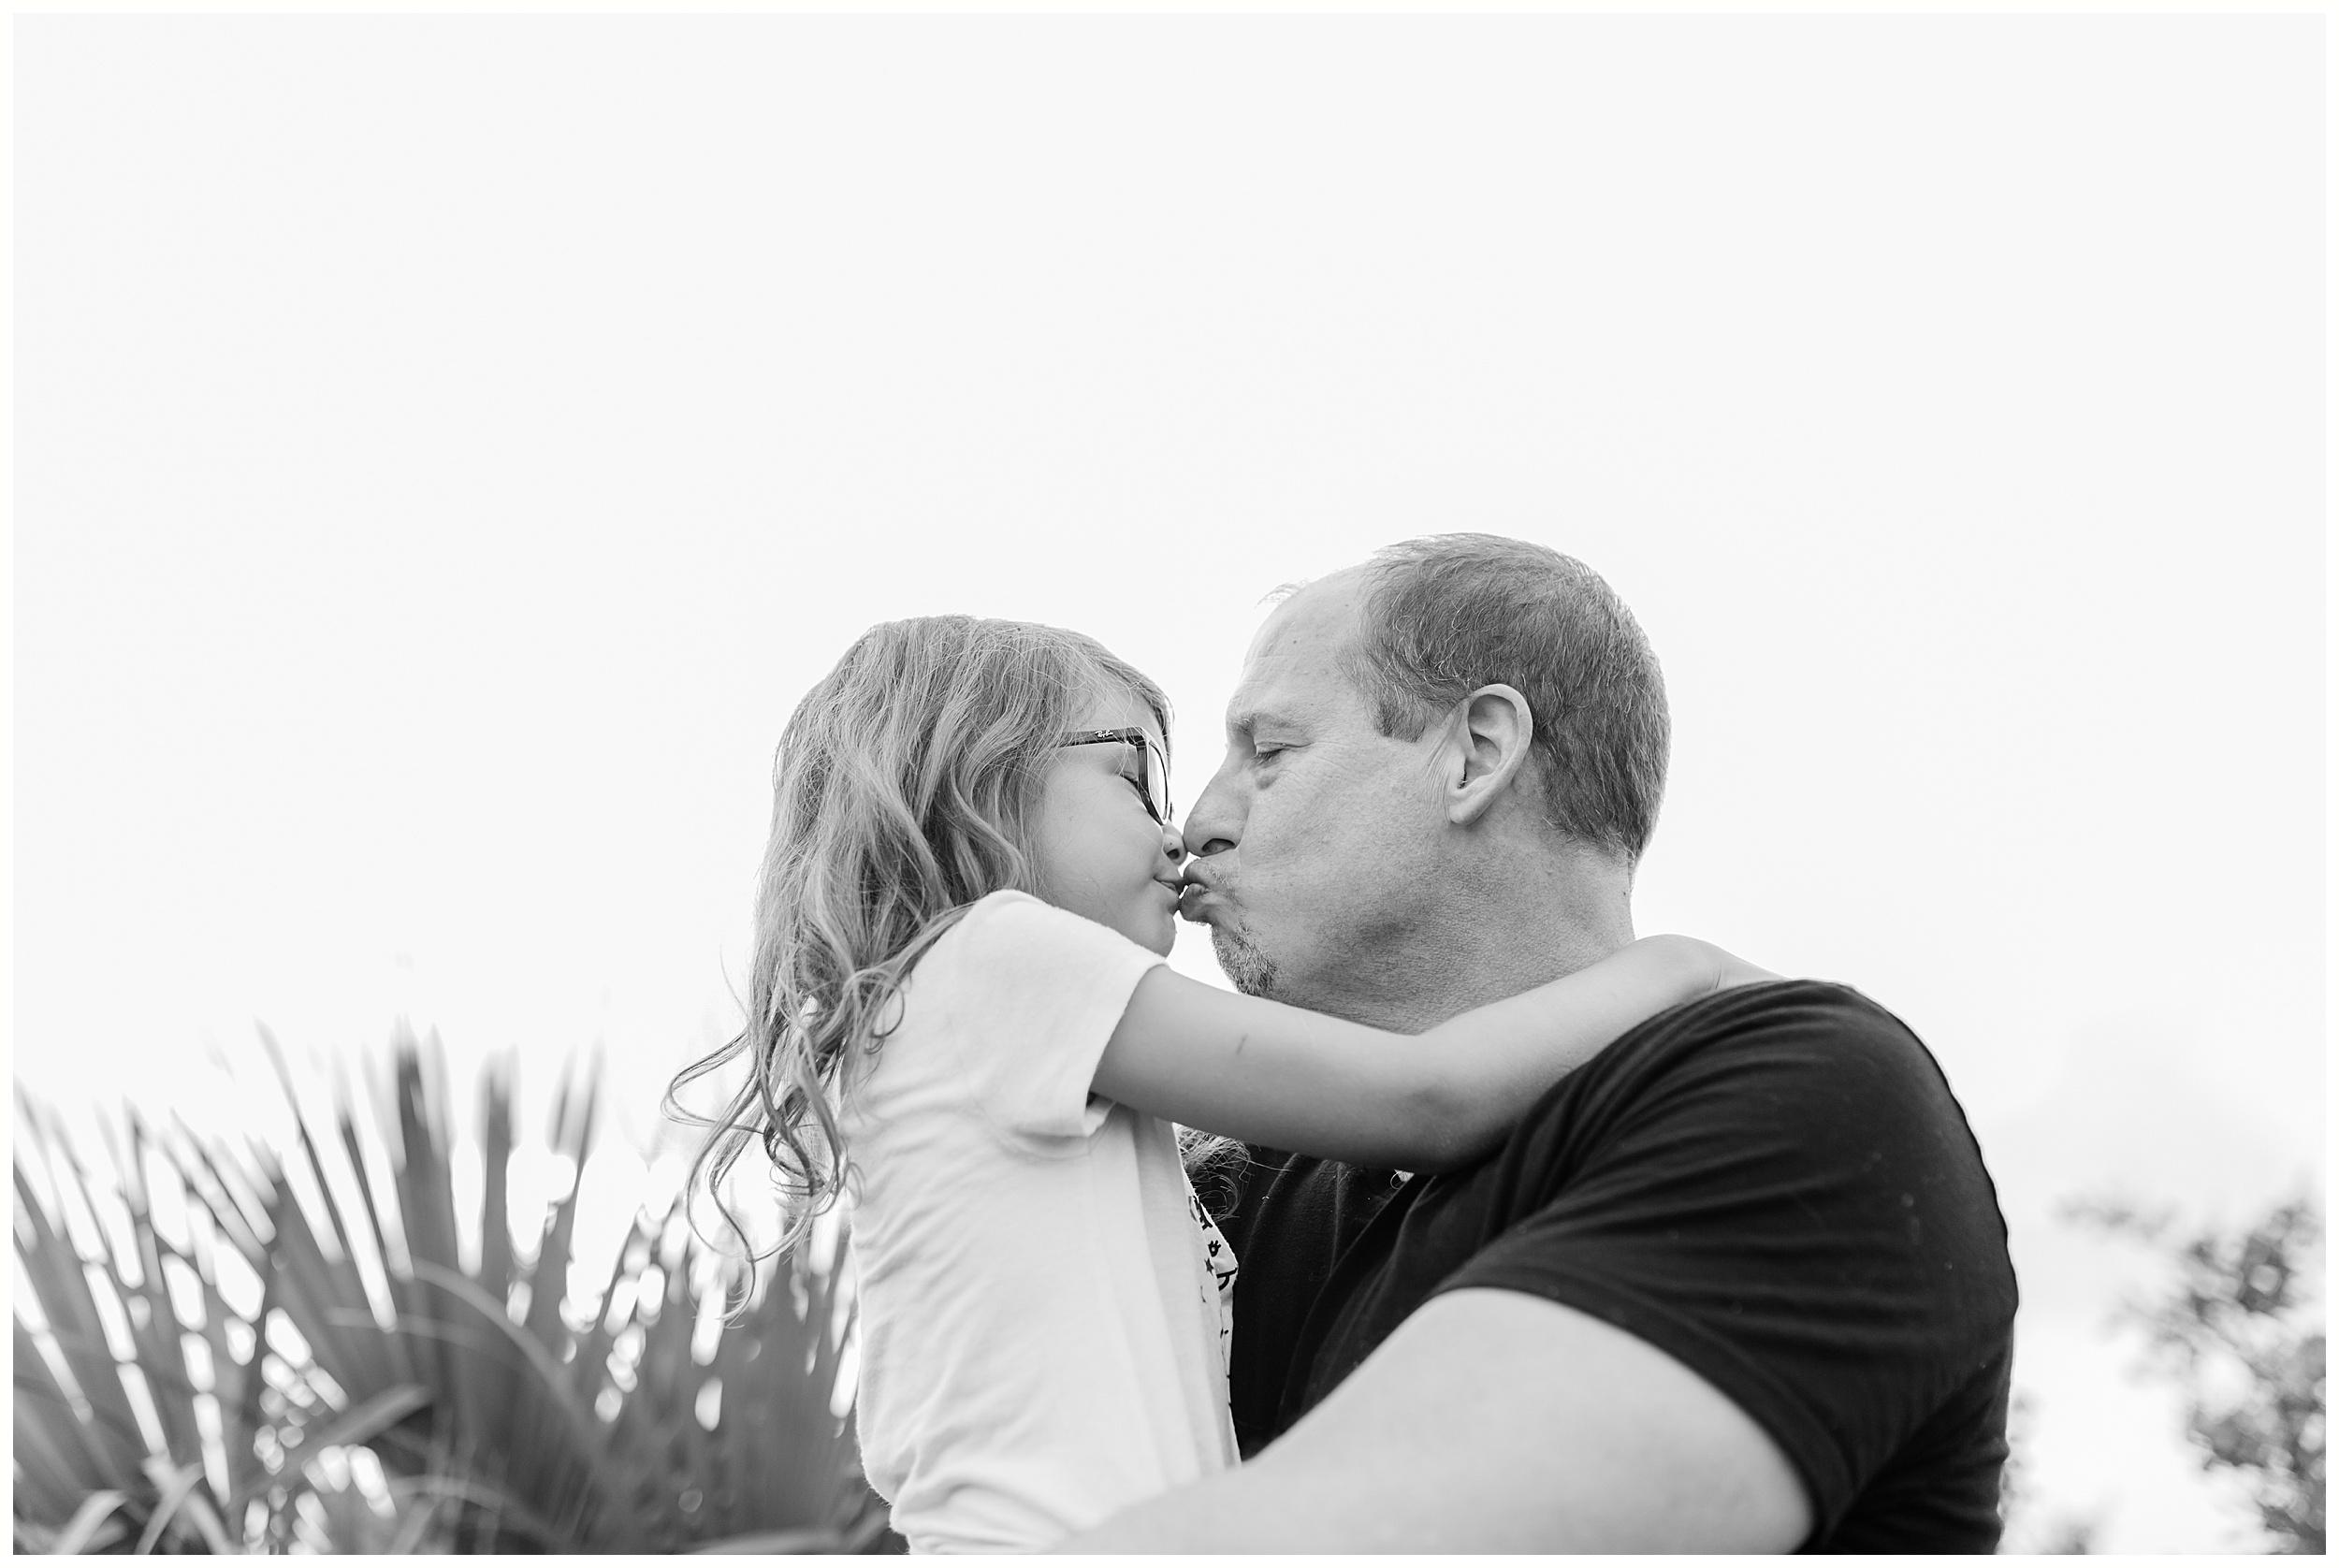 lexington-ky-family-lifestyle-photographer-priscilla-baierlein_1734.jpg